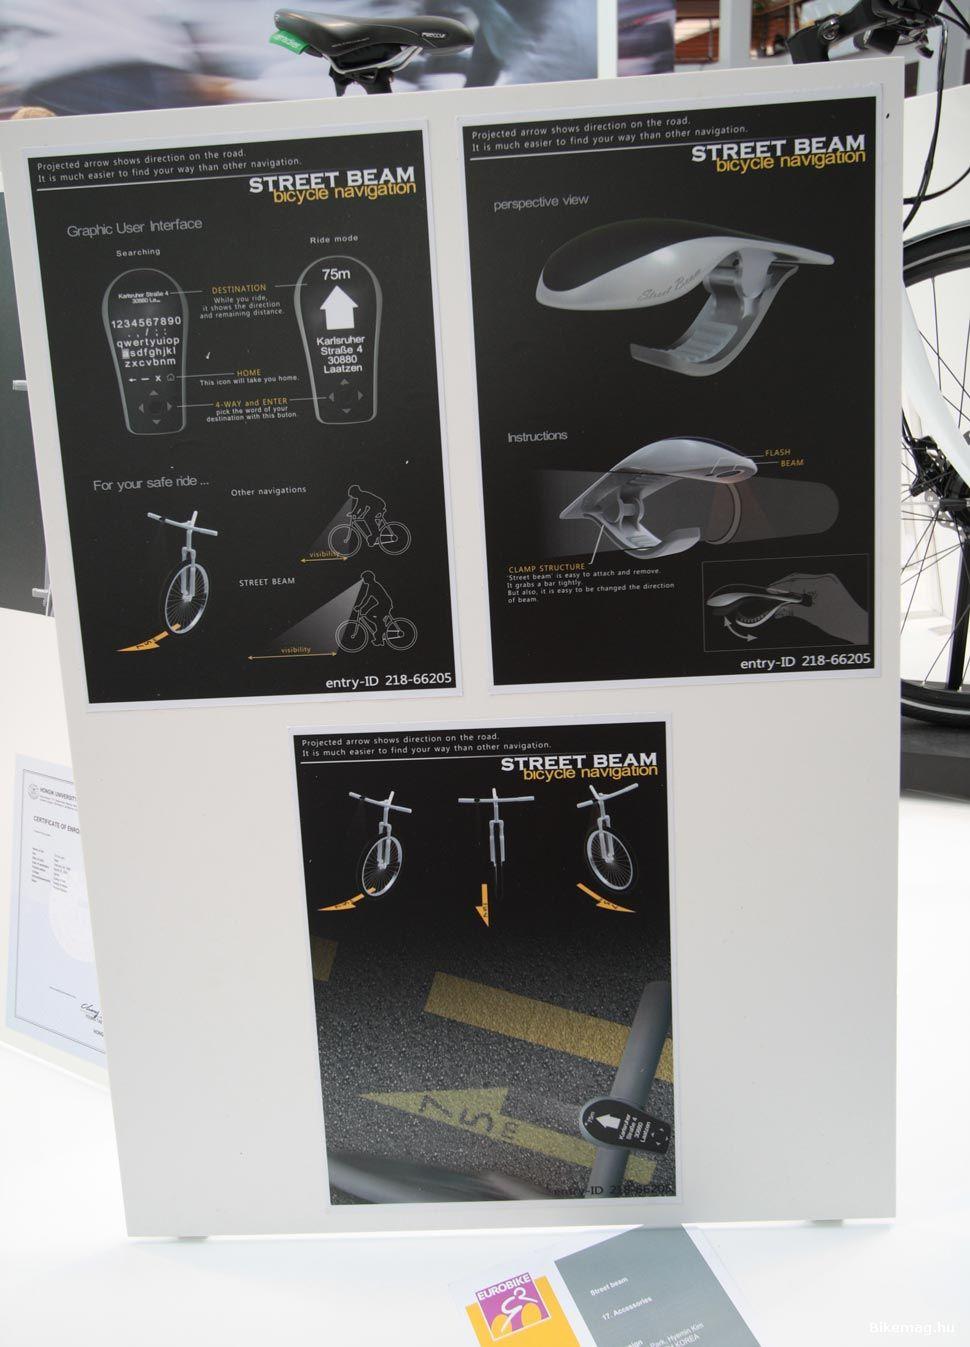 Eurobike Award - STREET BEAM kerékpáros navigáció